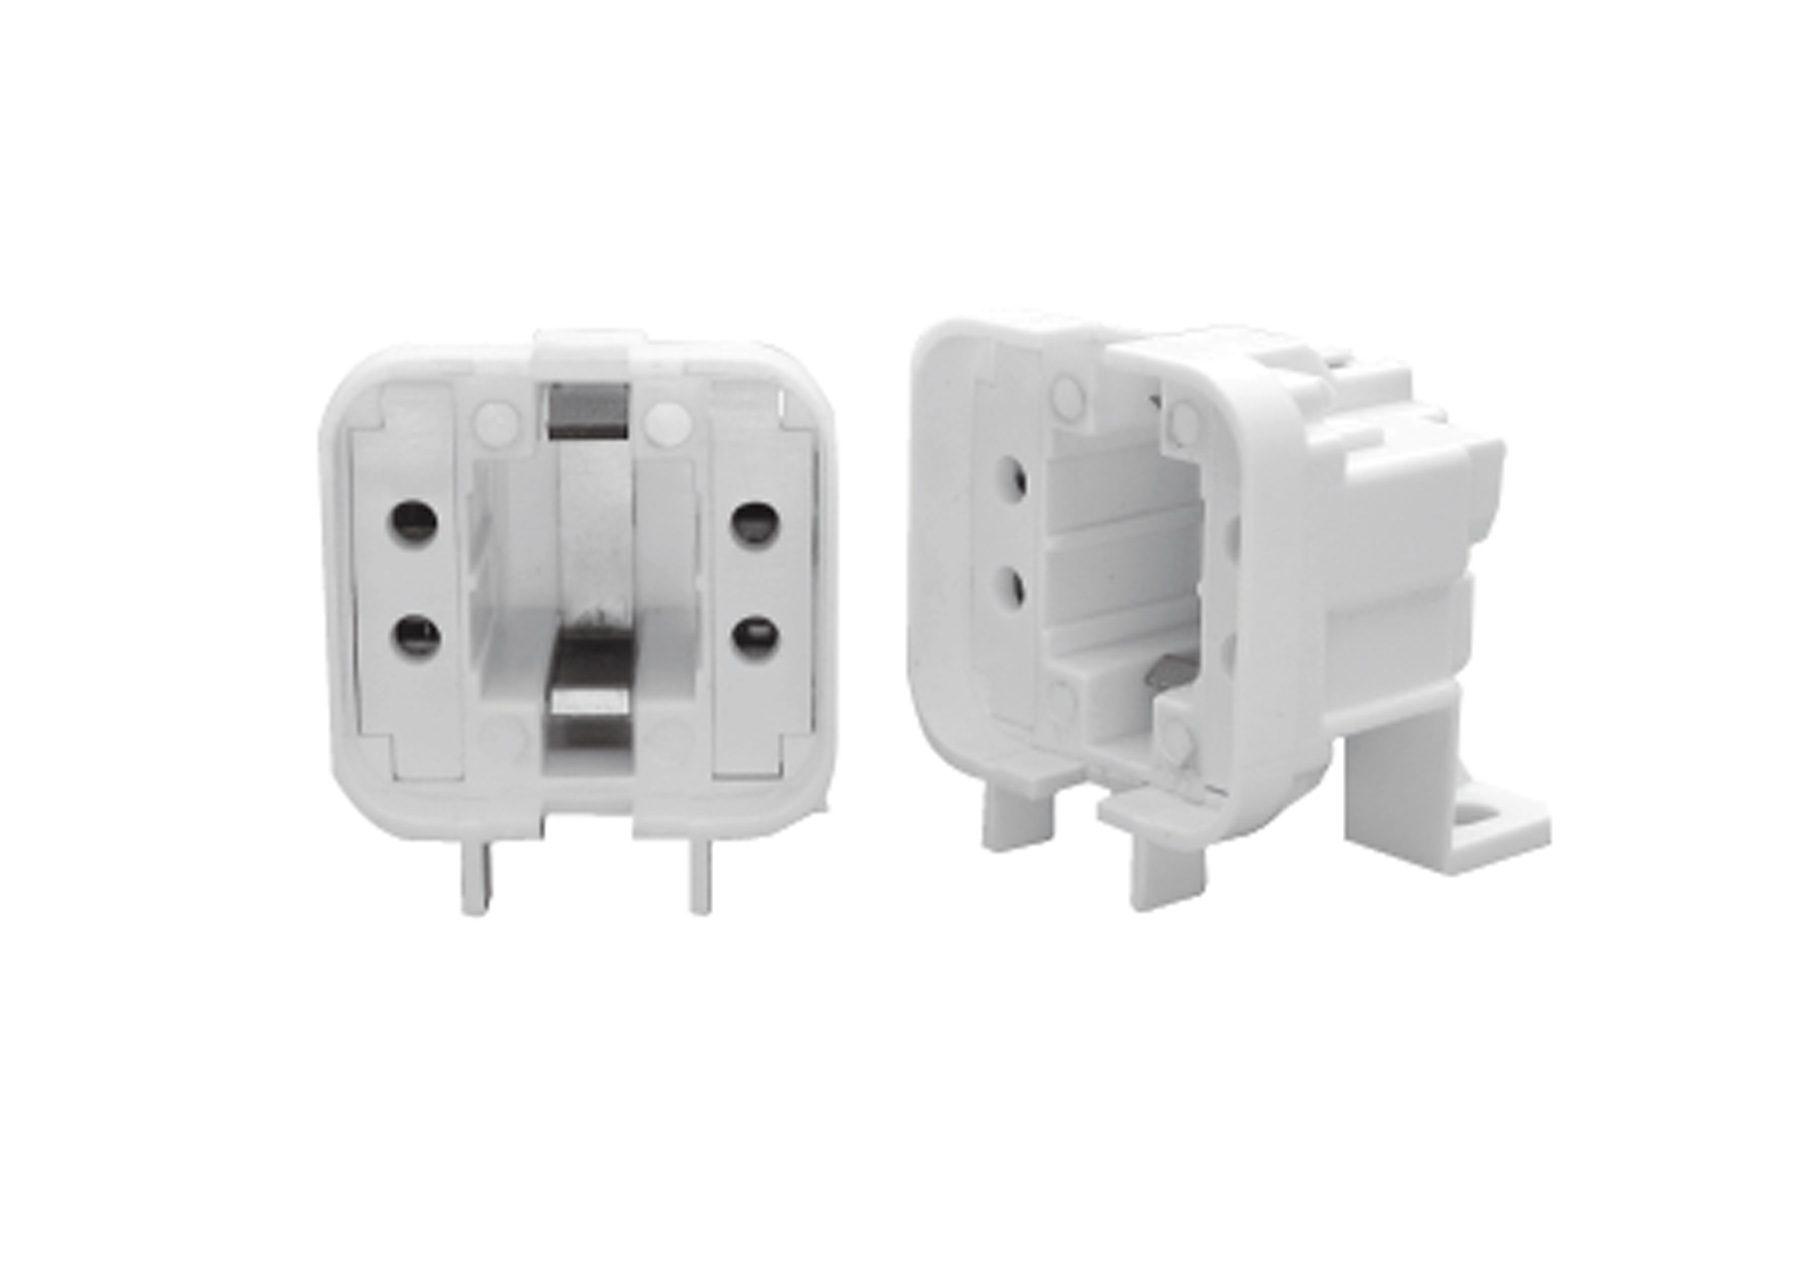 GX24-Q4 CFL Light Socket